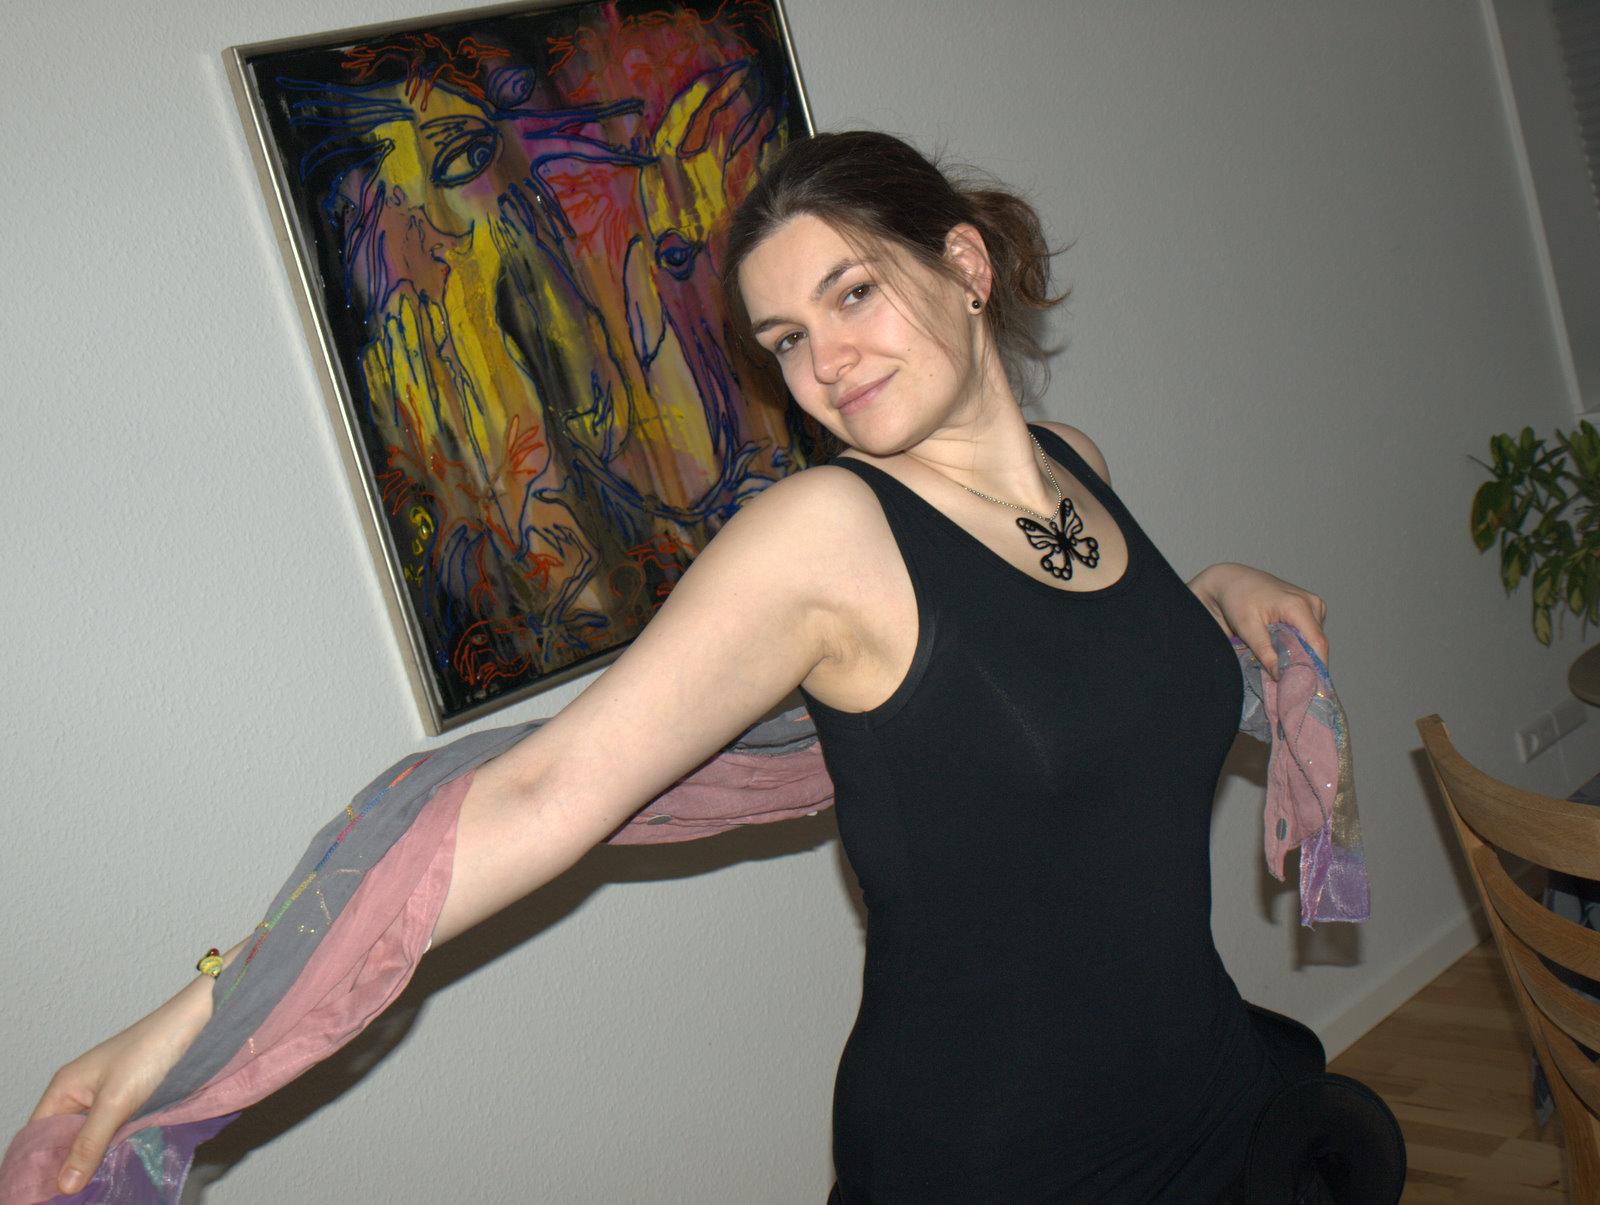 Her er jeg letdansende med min nye kjole og tørklæde og armkæde